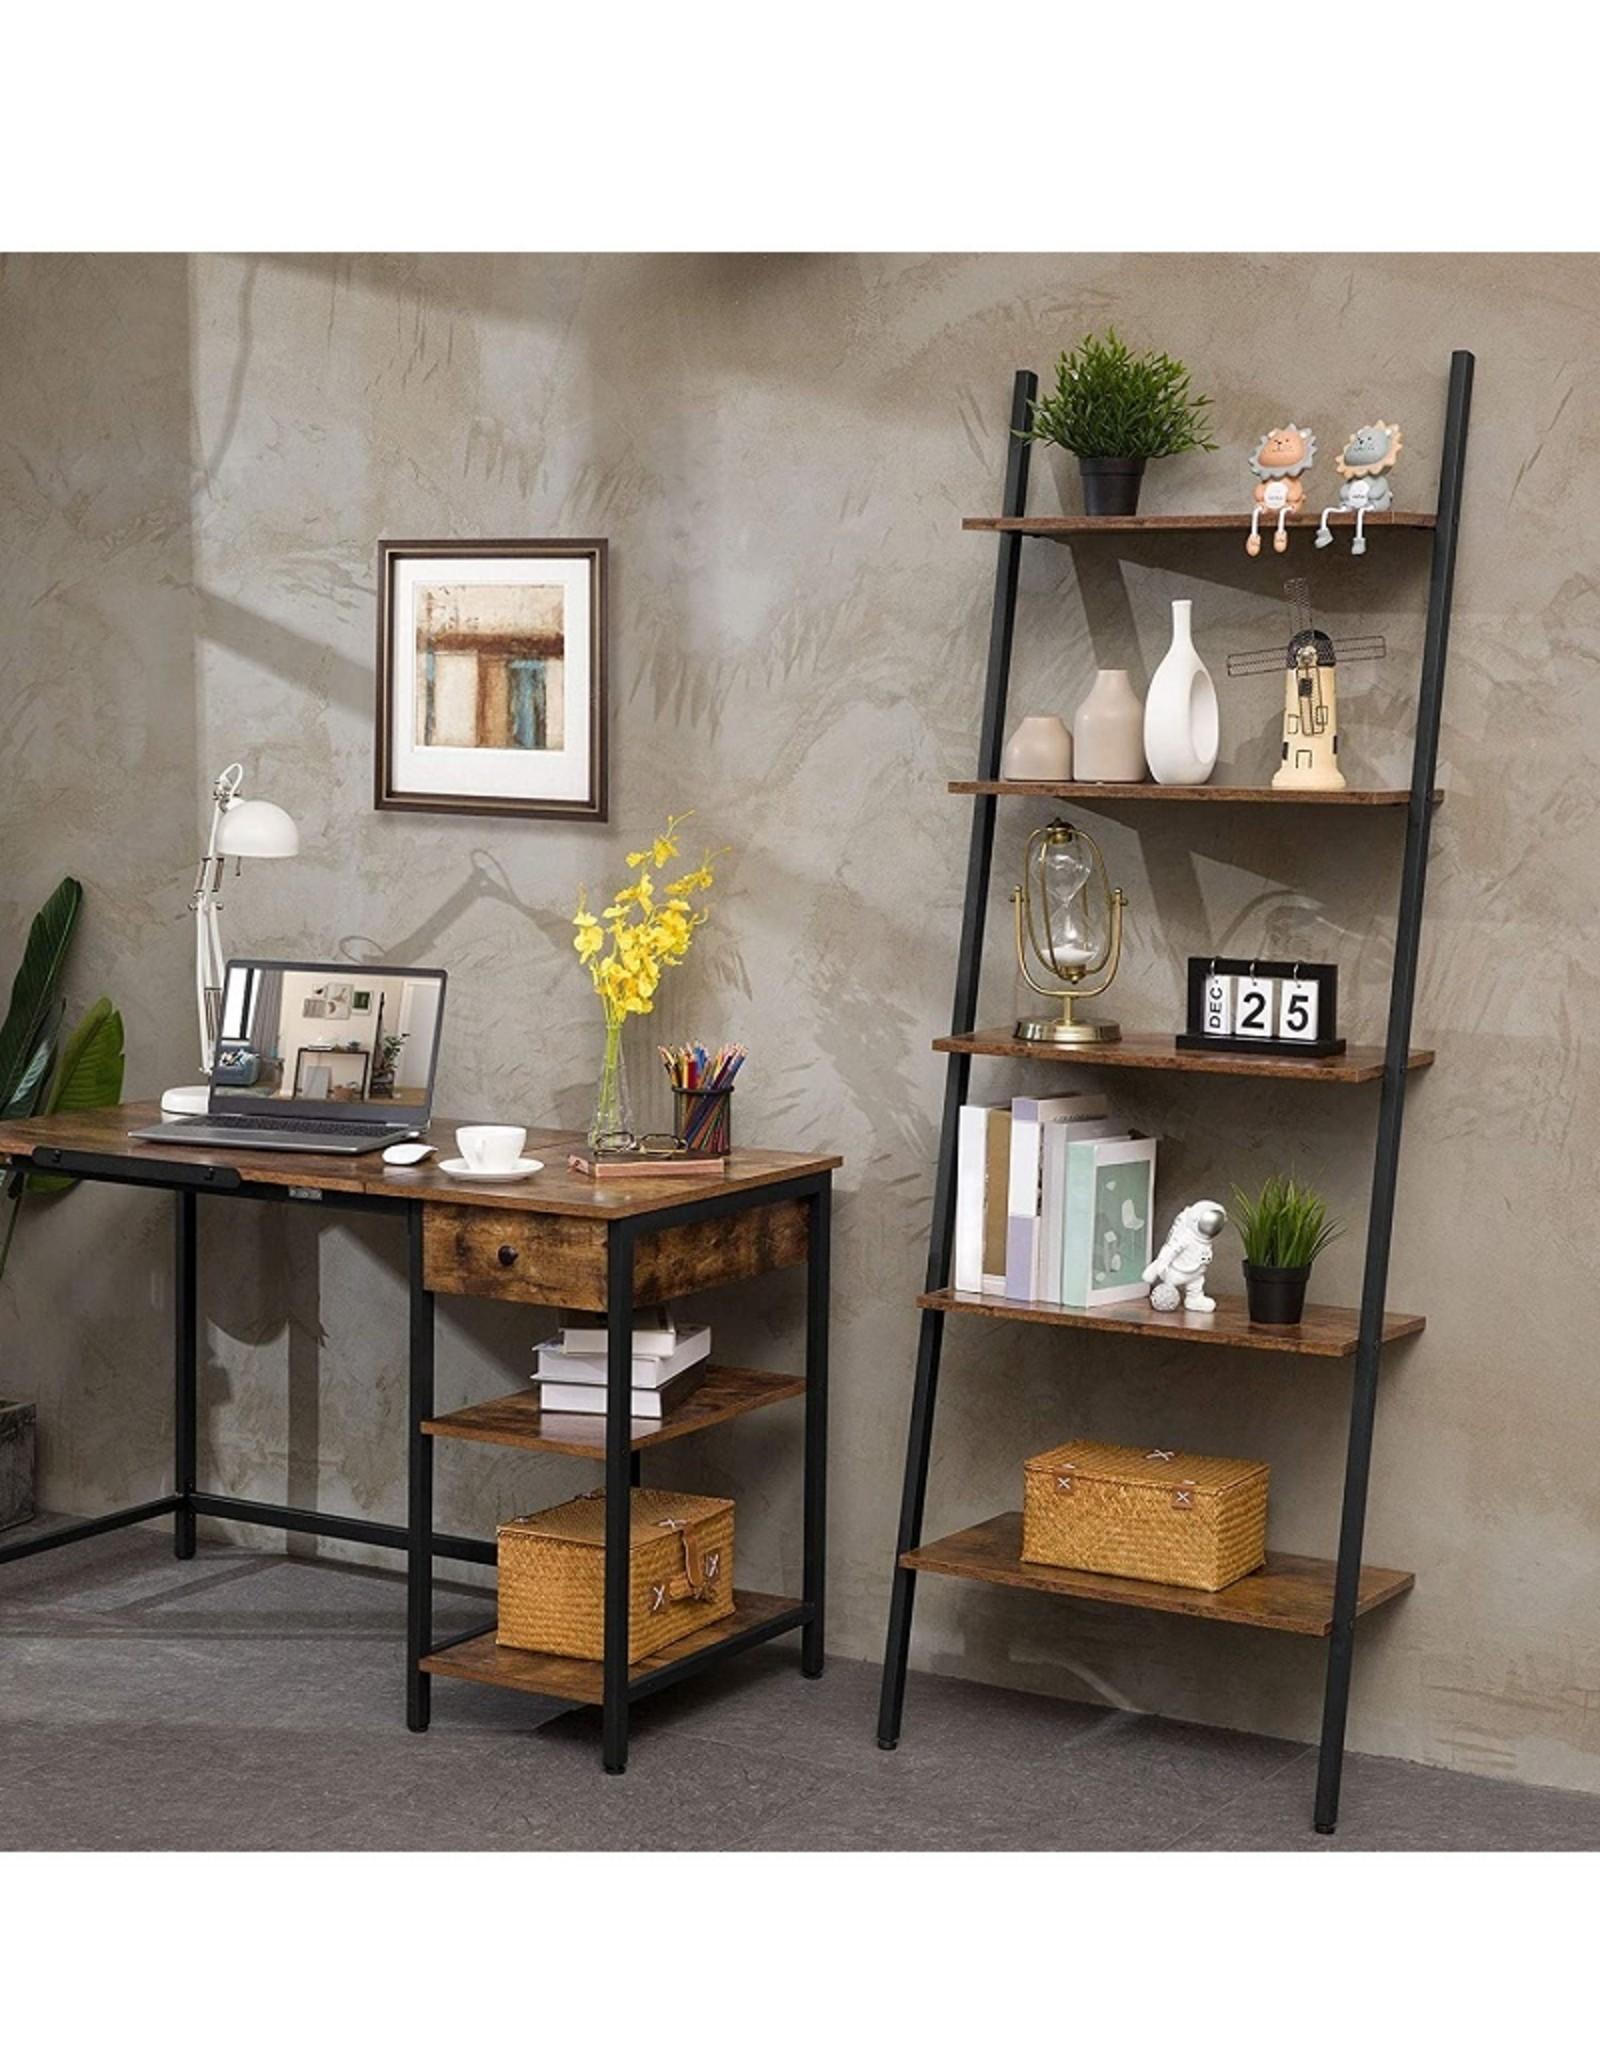 Ladderplank industrieel, boekenkast in rustic stijl